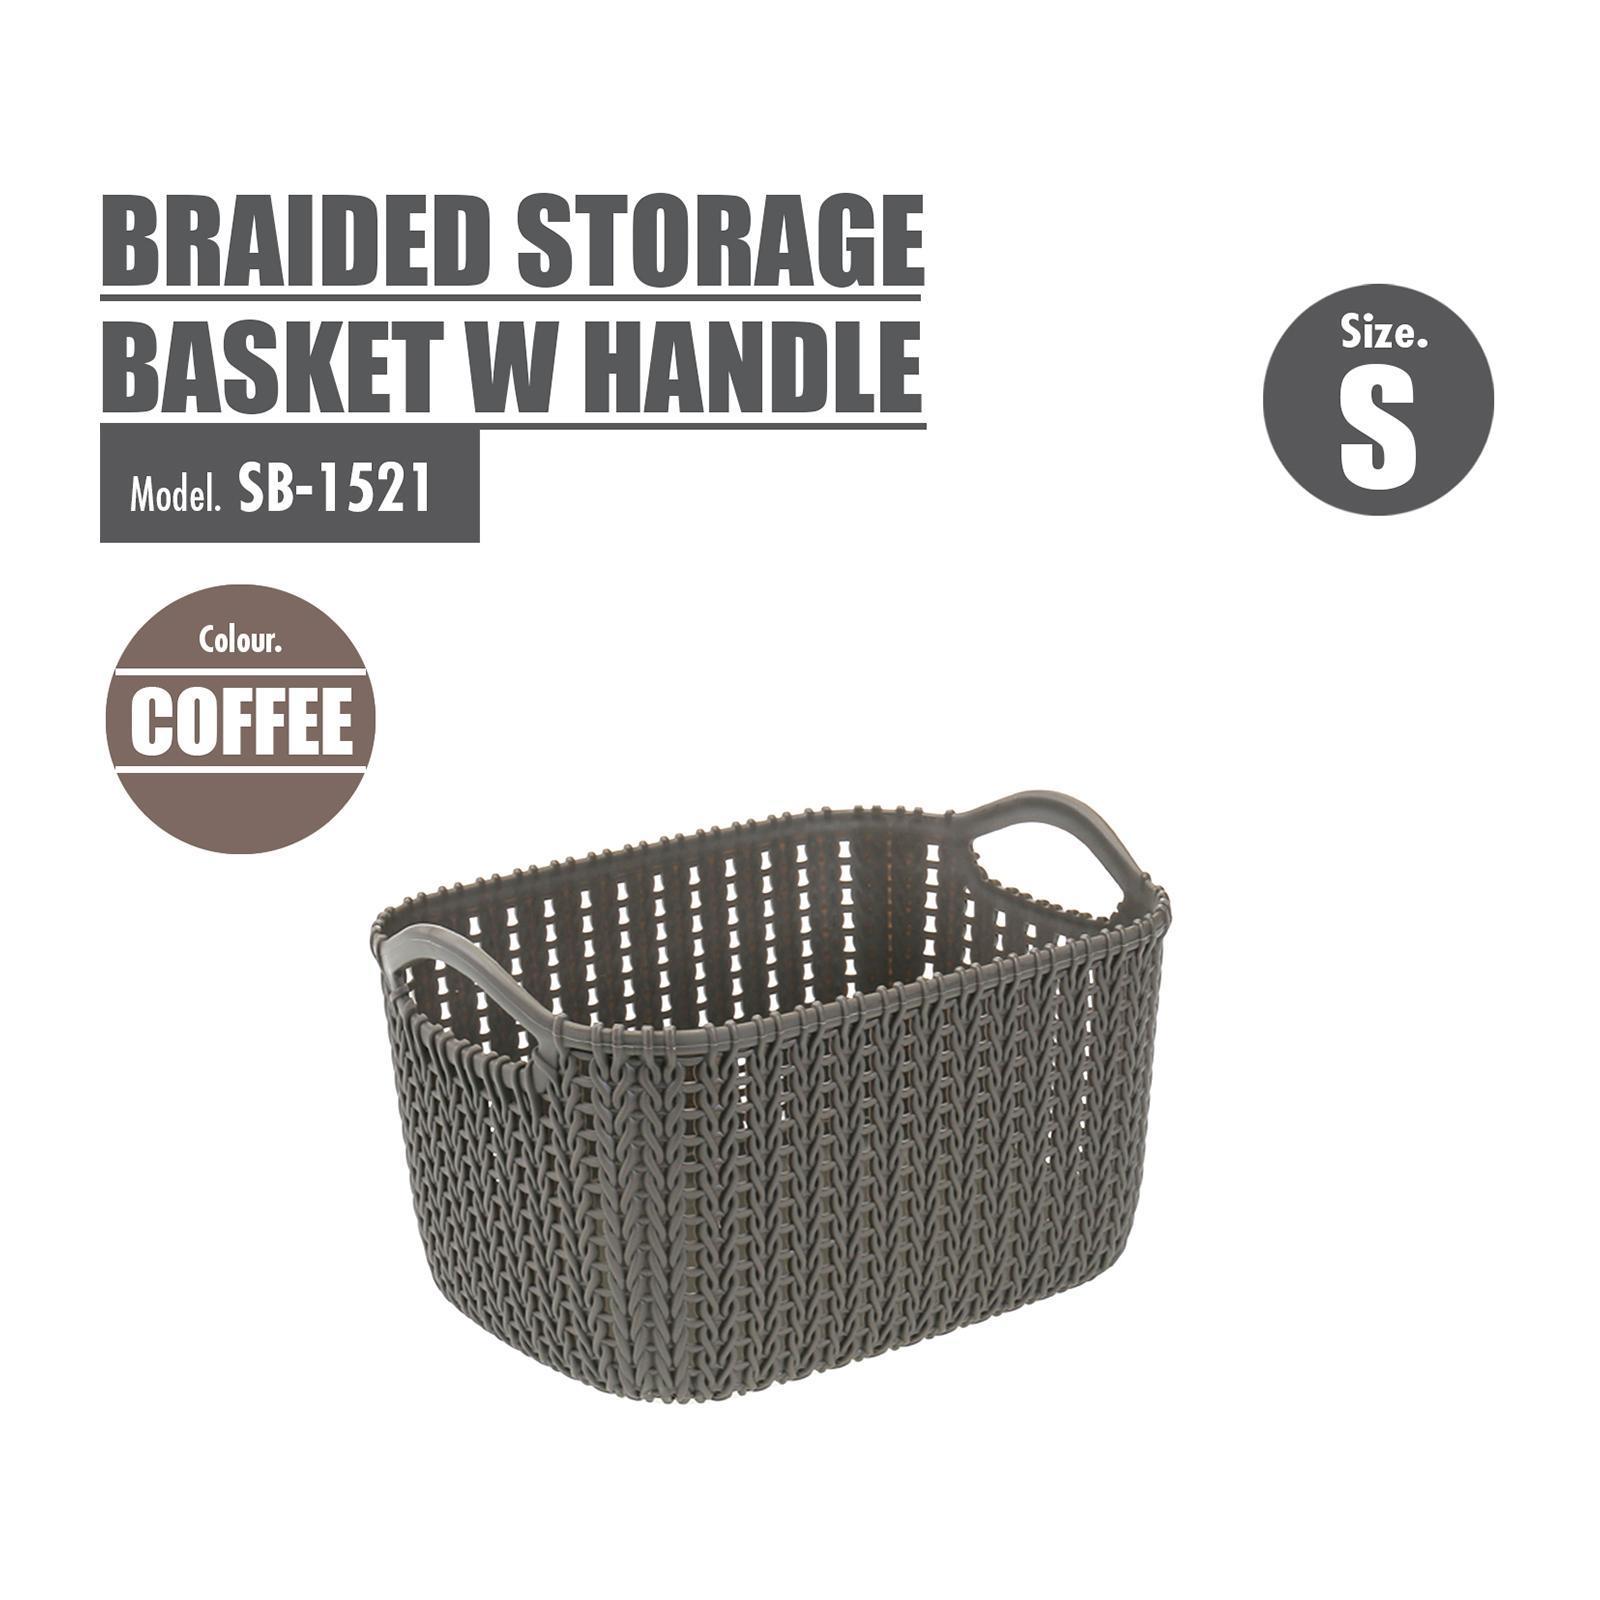 Houze Braided Storage Basket With Handle - Small - Coffee - SB-1521-COFFEE